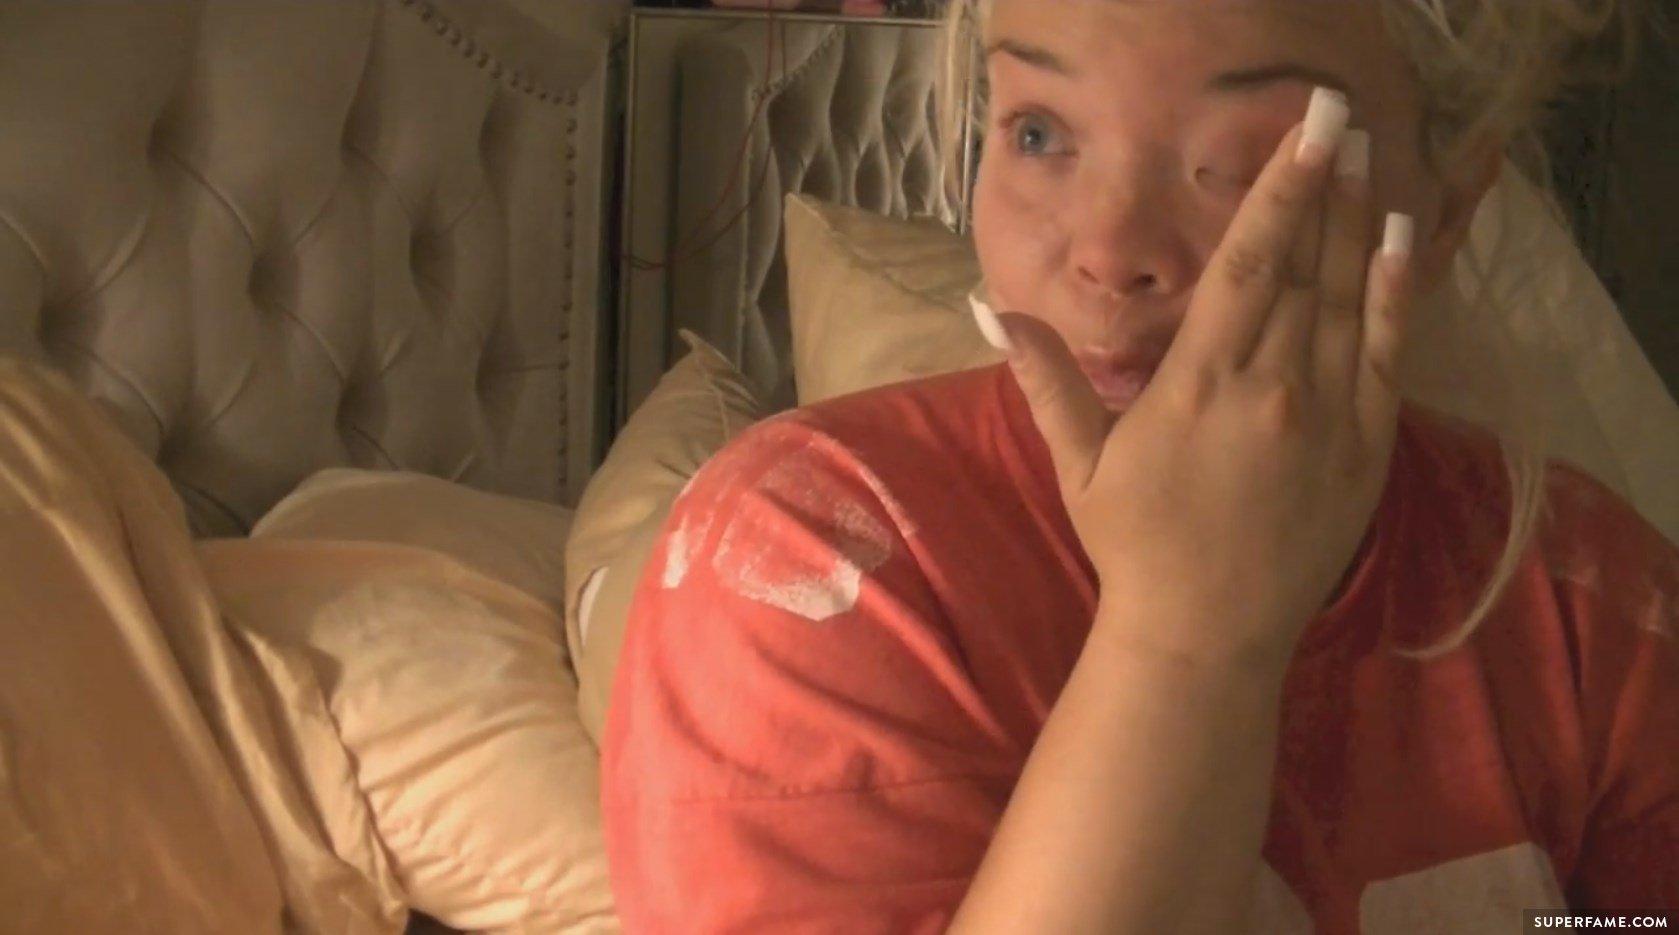 Trisha is crying.